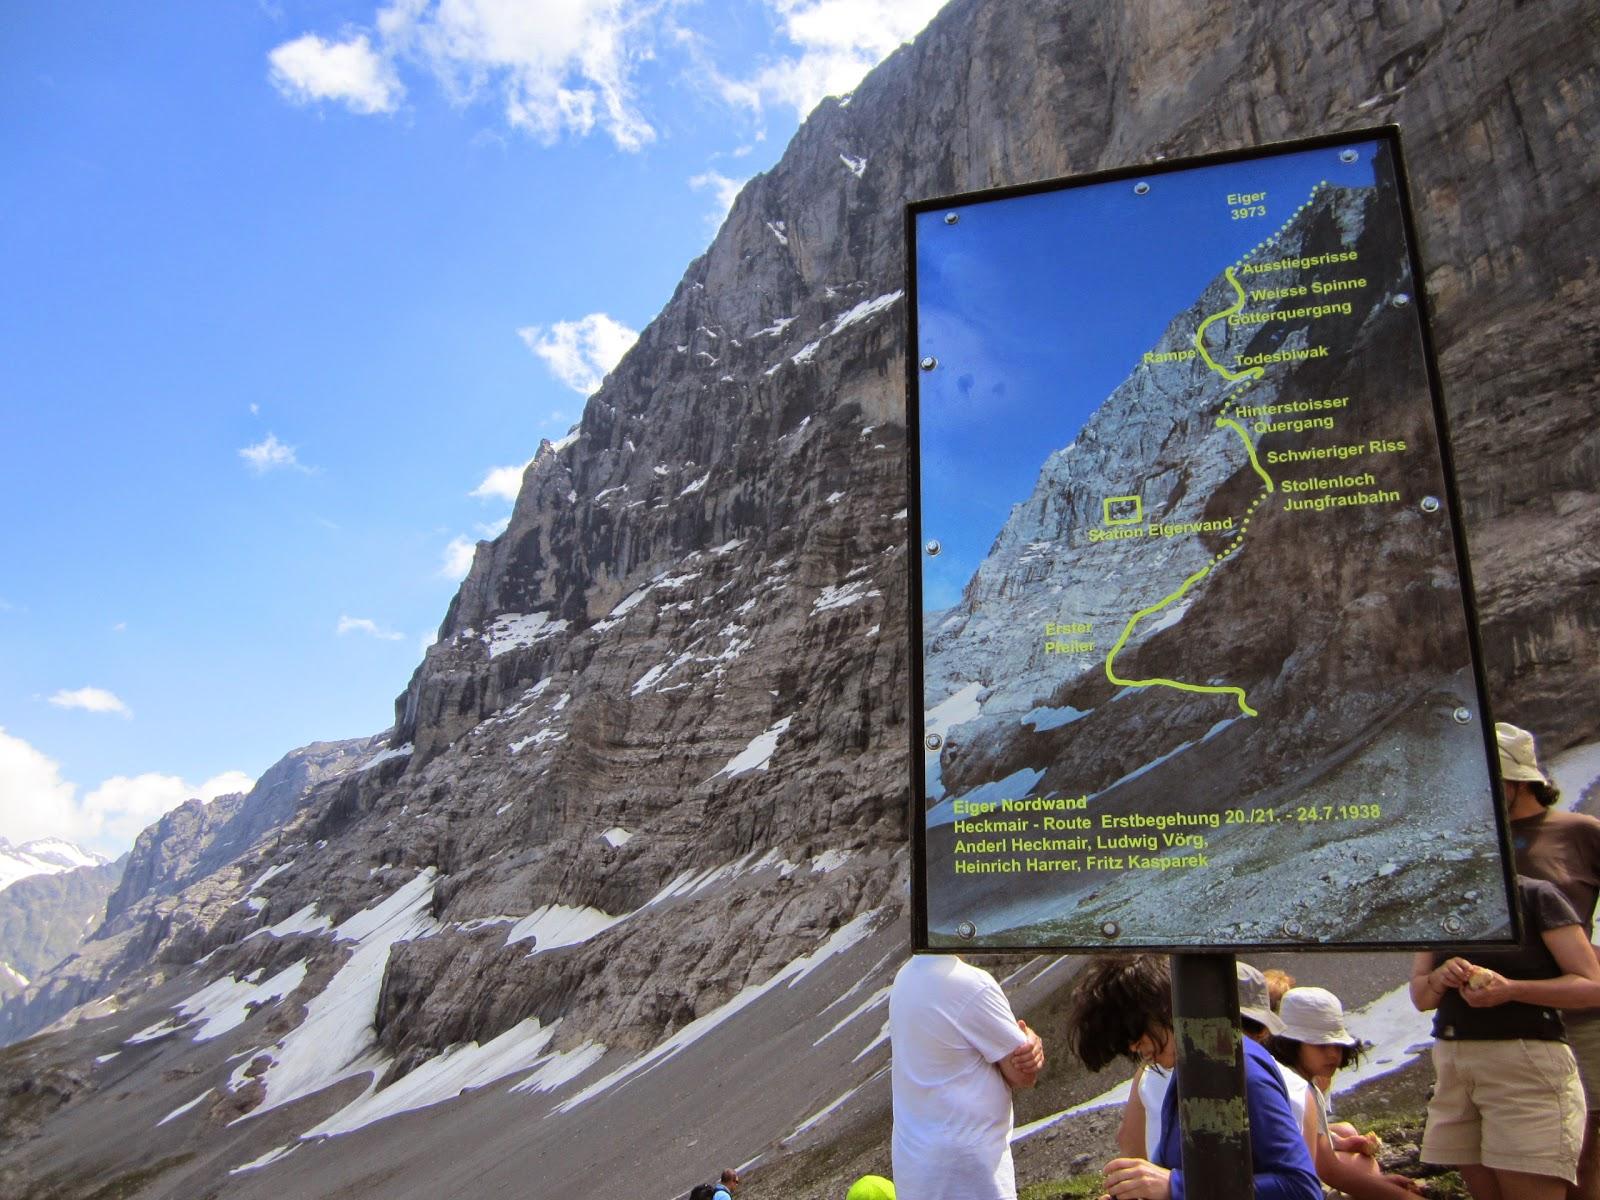 Klettersteig Eiger : Climbing trip reports eiger klettersteig